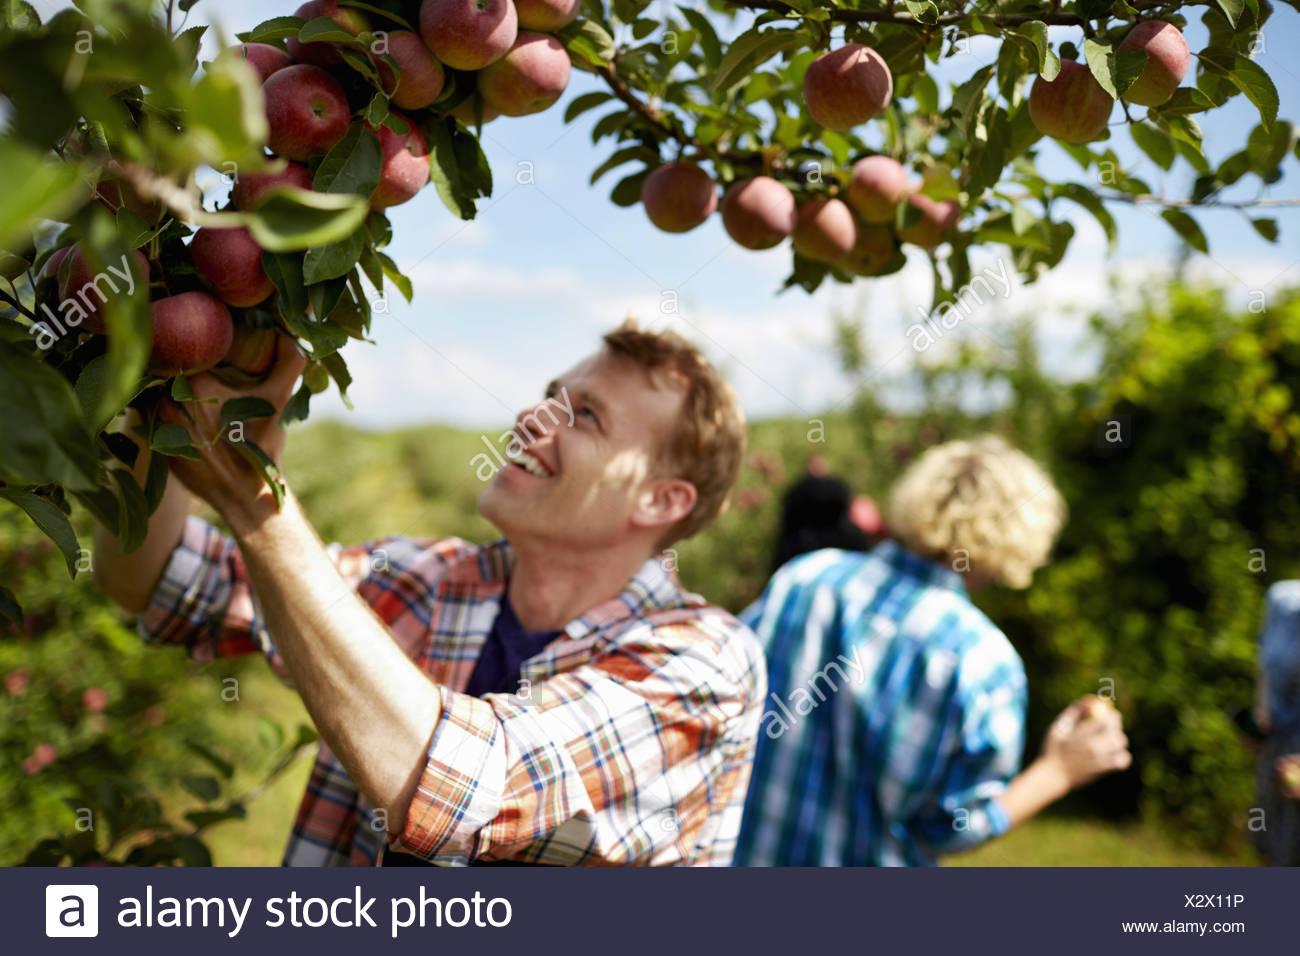 Filas de árboles frutales en una huerta orgánica a un grupo de personas que recogían las manzanas maduras Imagen De Stock